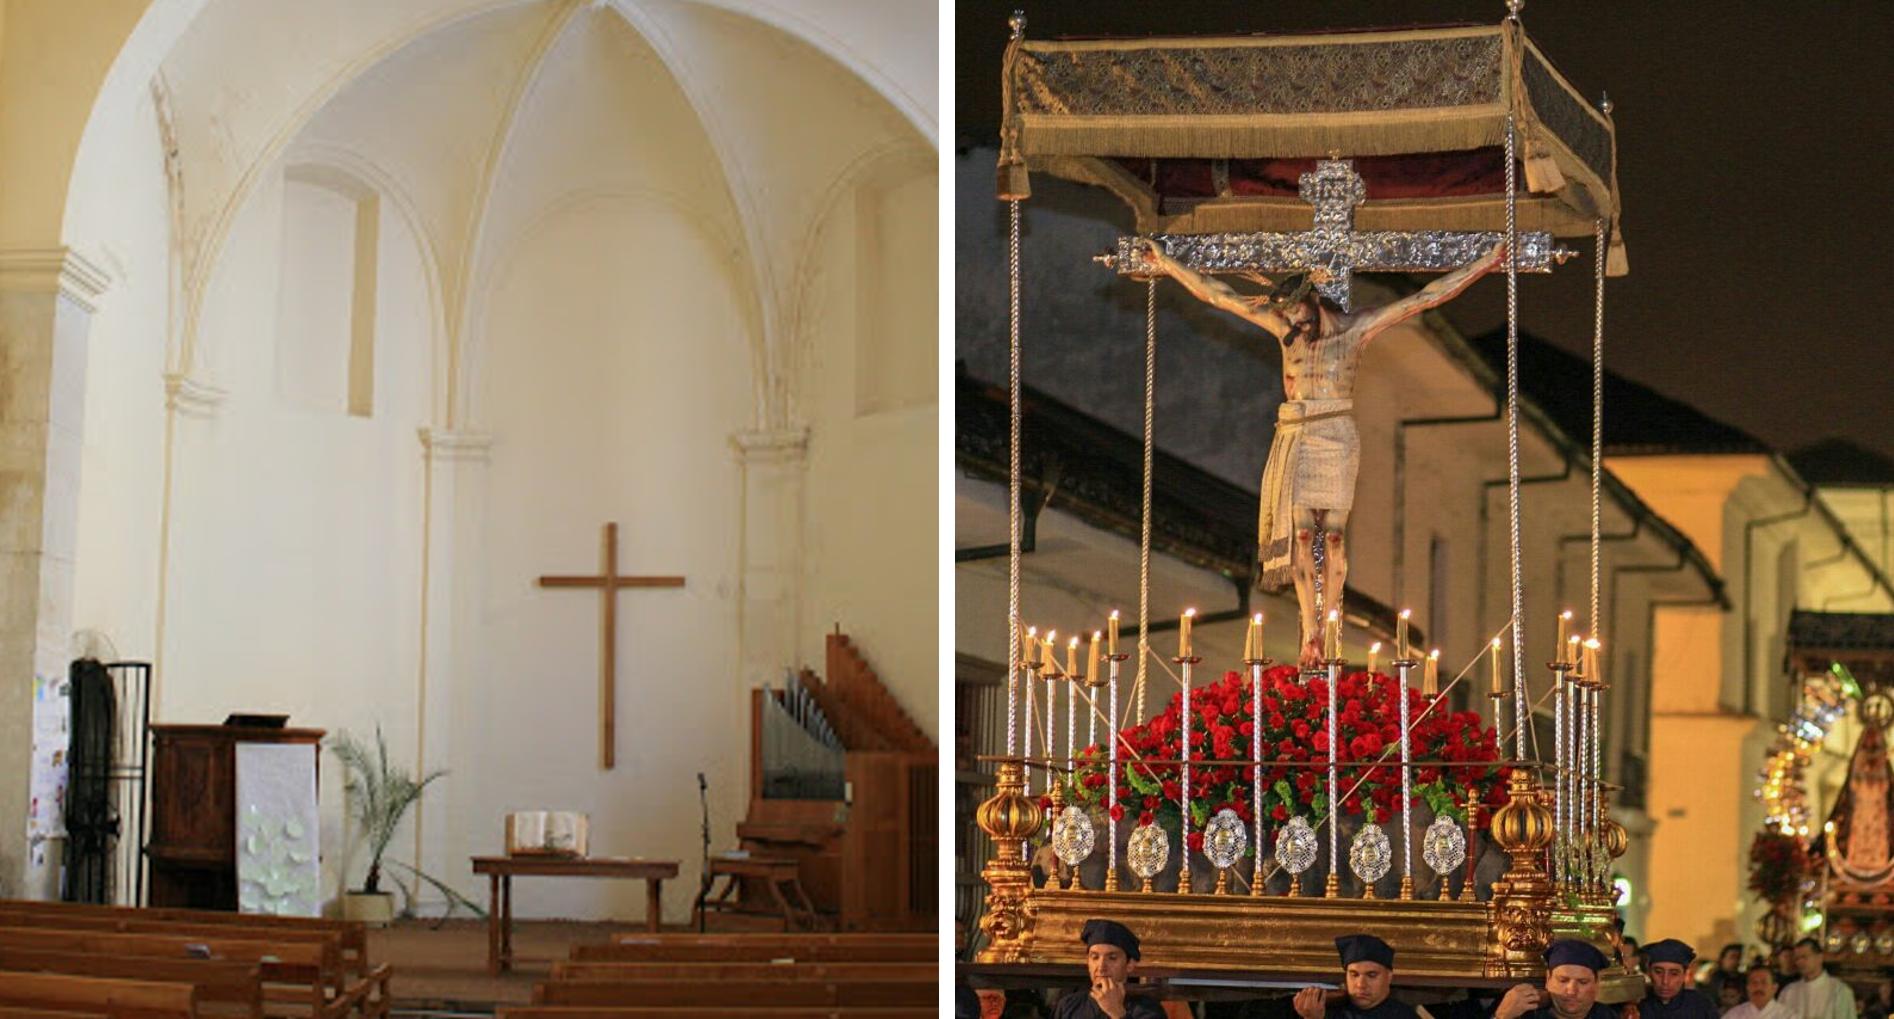 Protestantismo e iconoclasia: Evidencias durante la Semana Santa para una historia del arte «sociologista»